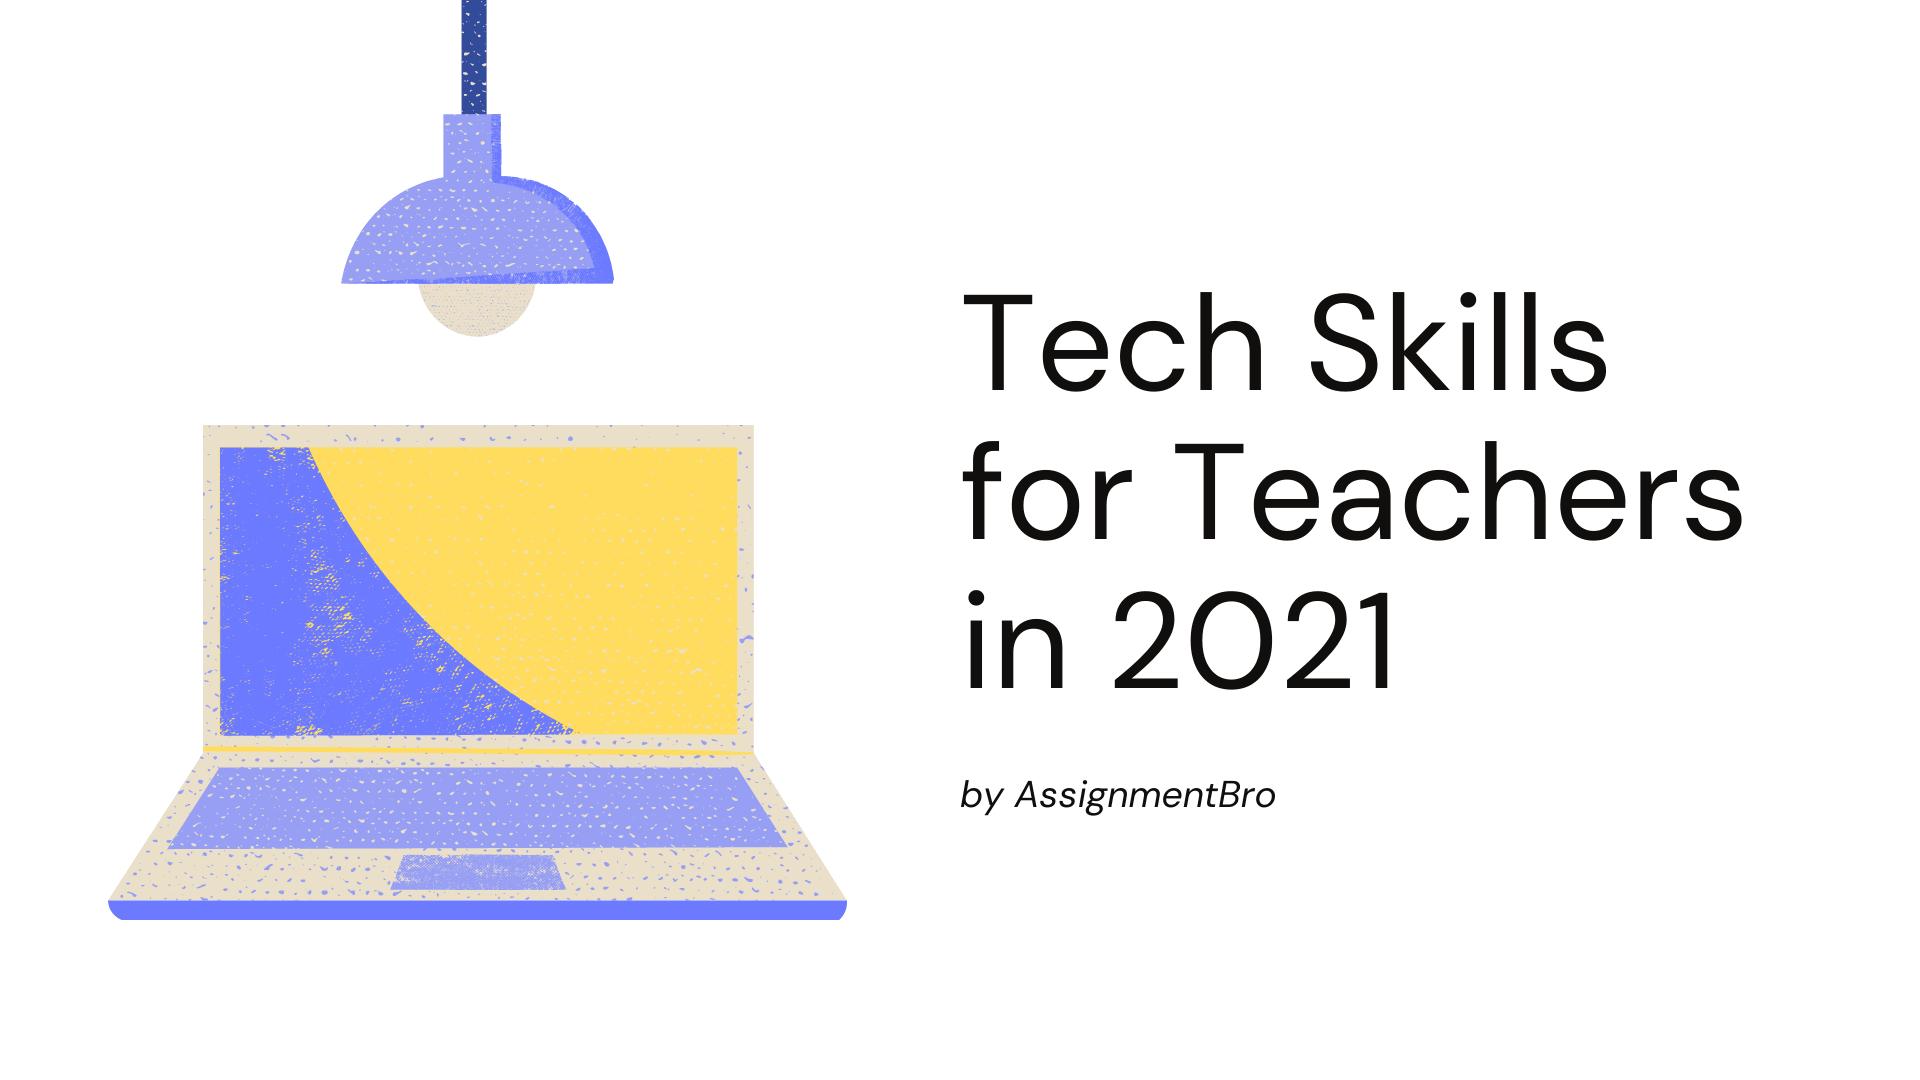 Tech Skills for Teachers in 2021